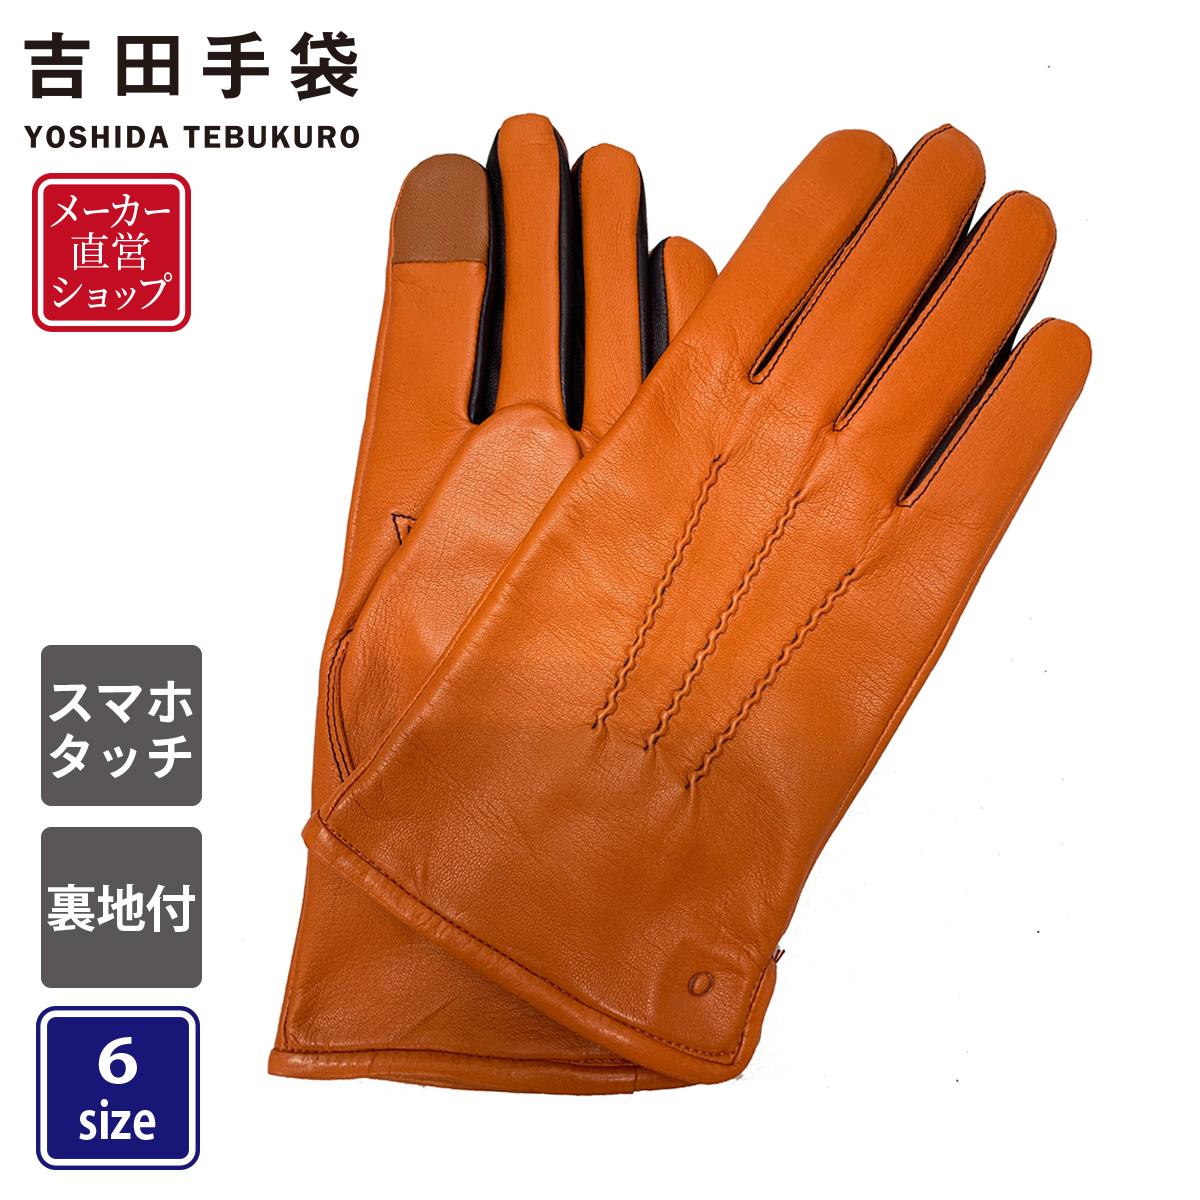 オーダーメイド 手袋 革手袋 吉田手袋 メンズ シープレザー グローブ ベーシック3本飾りステッチ スマホ対応 起毛裏地